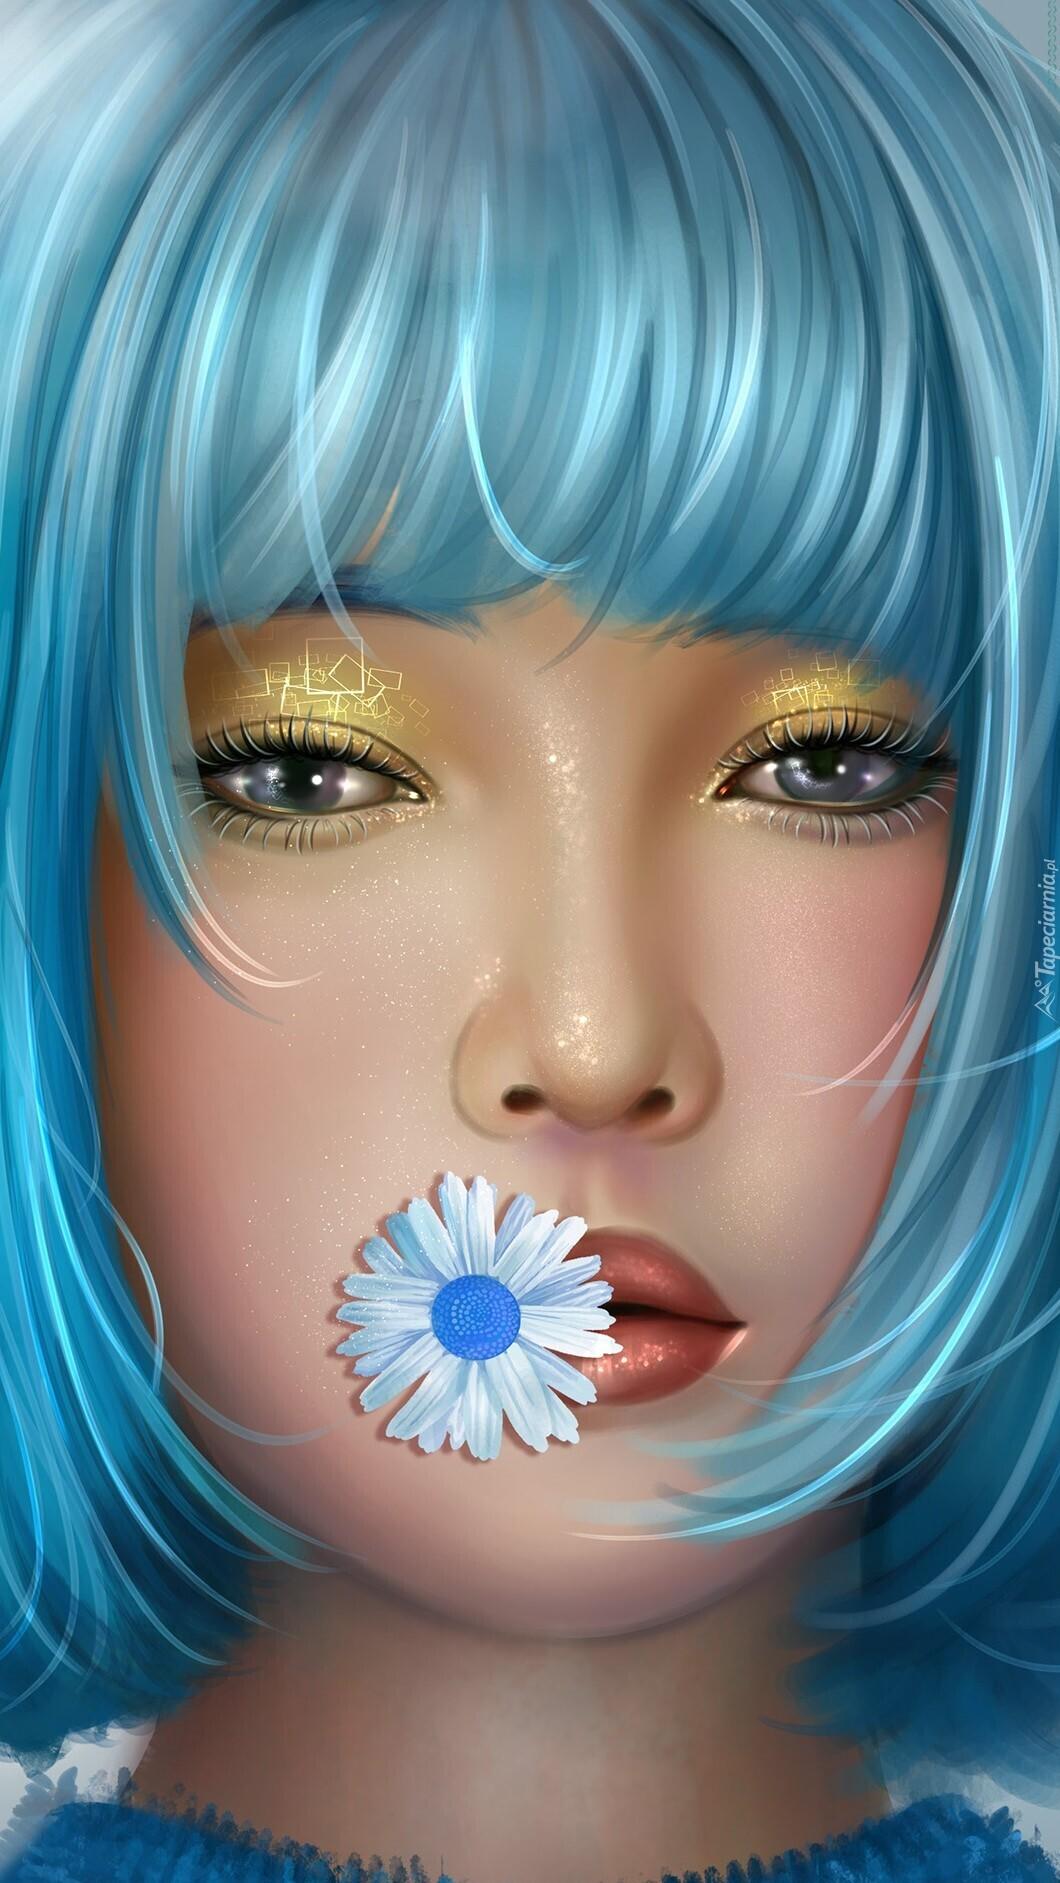 Niebieskowłosa dziewczyna